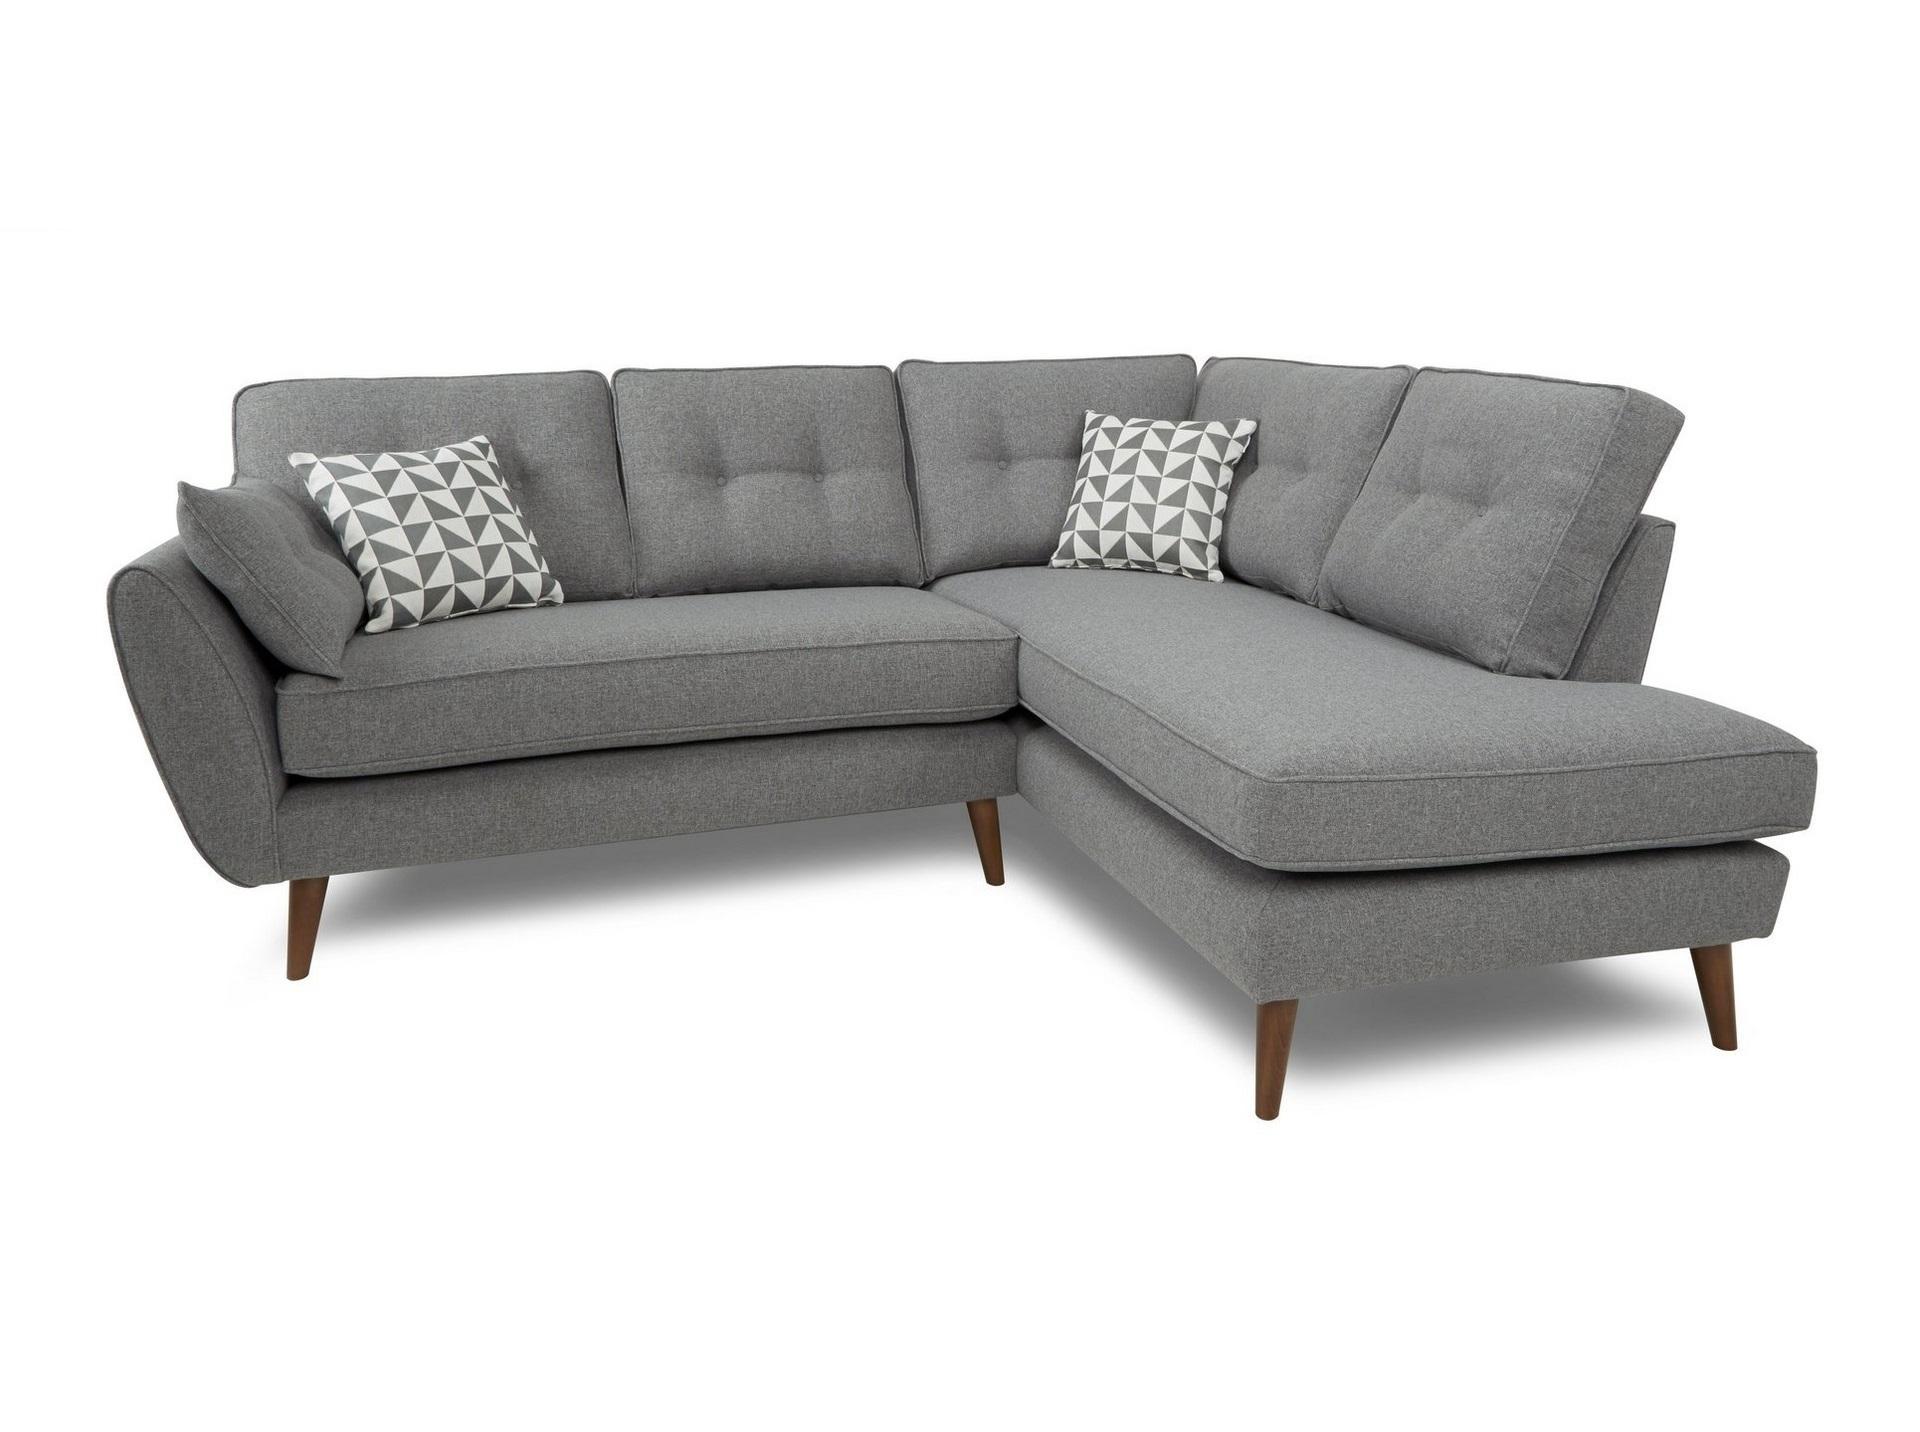 Угловой диван VogueУгловые диваны<br>Современный диван с легким намеком на &amp;quot;ретро&amp;quot; идеально подойдет для городских квартир. У него скругленные подлокотники, упругие подушки и как раз та длина, чтобы вы могли вытянуться в полный рост. &amp;amp;nbsp;Но благодаря высоким ножкам &amp;quot;Vogue&amp;quot; выглядит лаконично и элегантно.&amp;lt;div&amp;gt;&amp;lt;br&amp;gt;&amp;lt;/div&amp;gt;&amp;lt;div&amp;gt;Корпус: фанера, брус&amp;lt;div&amp;gt;Ткань 100% полиэстер, 30-50 000 циклов&amp;lt;/div&amp;gt;&amp;lt;div&amp;gt;Ширина сторон: 227х182 см&amp;lt;/div&amp;gt;&amp;lt;div&amp;gt;Ножки (Дерево)&amp;lt;/div&amp;gt;&amp;lt;div&amp;gt;&amp;lt;span style=&amp;quot;font-weight: 700;&amp;quot;&amp;gt;При заказе уточняйте сторону угла (левый или правый)!&amp;lt;/span&amp;gt;&amp;lt;/div&amp;gt;&amp;lt;div&amp;gt;Еcть возможность изготовления в другом материале обивки&amp;lt;/div&amp;gt;&amp;lt;/div&amp;gt;<br><br>Material: Текстиль<br>Width см: 227<br>Depth см: 91<br>Height см: 88